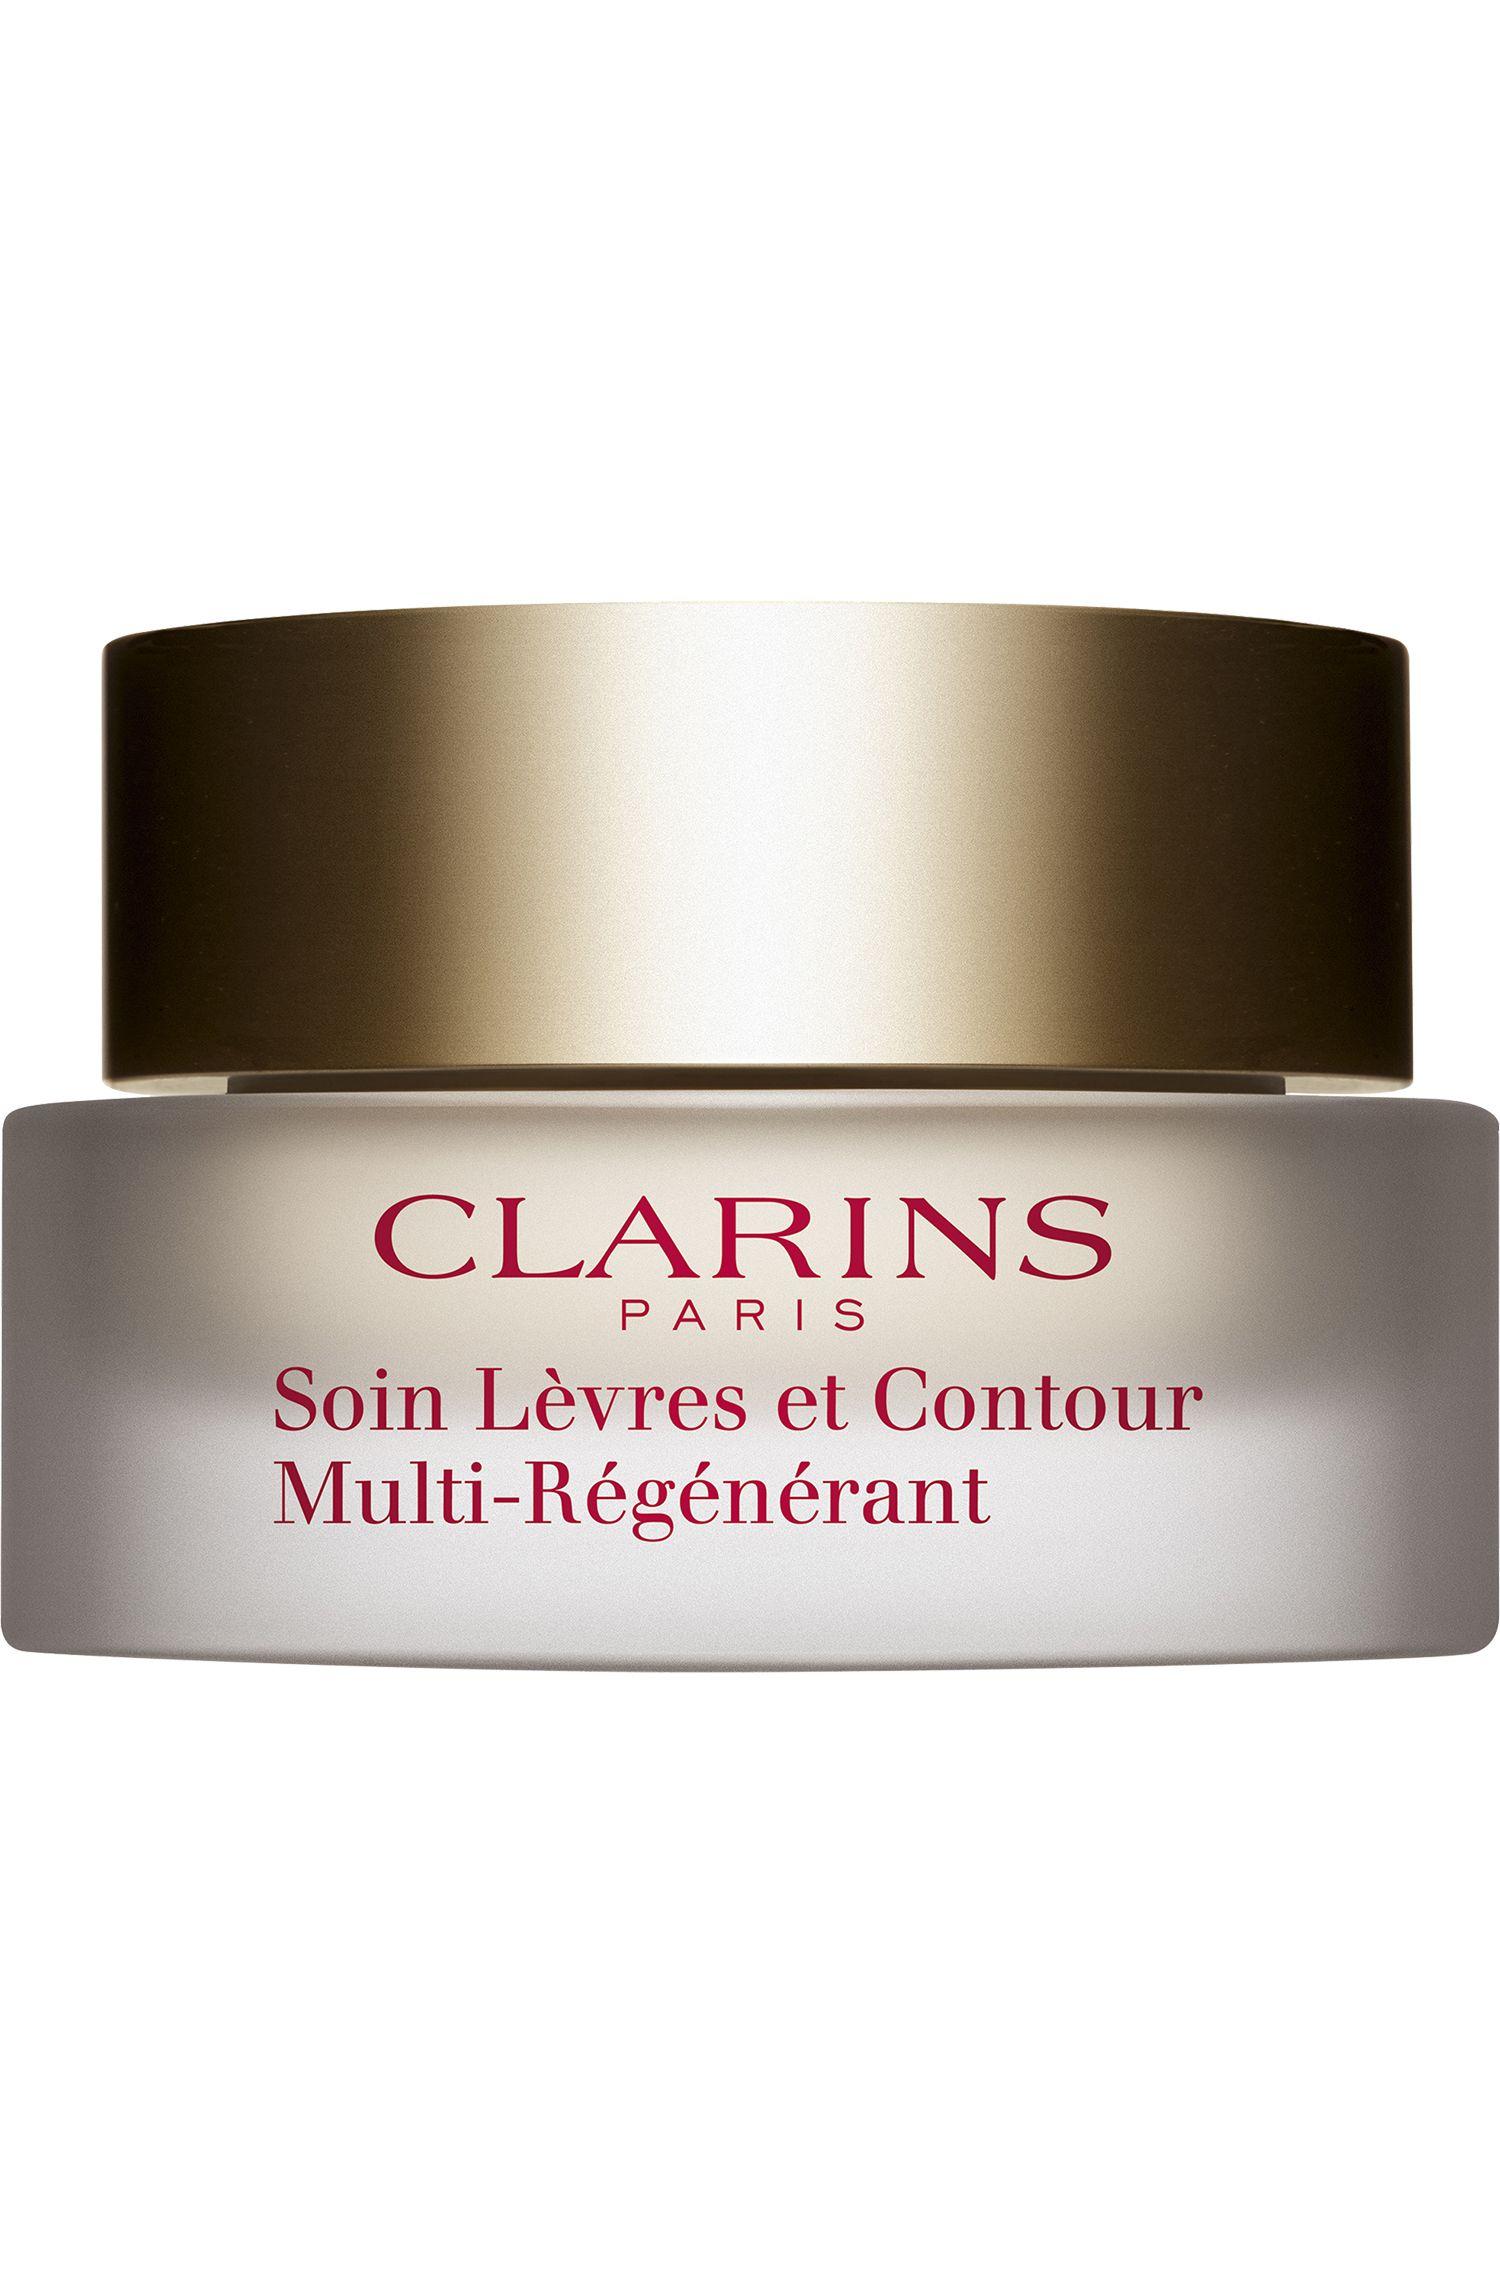 Blissim : Clarins - Baume lèvres réparateur Multi-Régénérant - Baume lèvres réparateur Multi-Régénérant